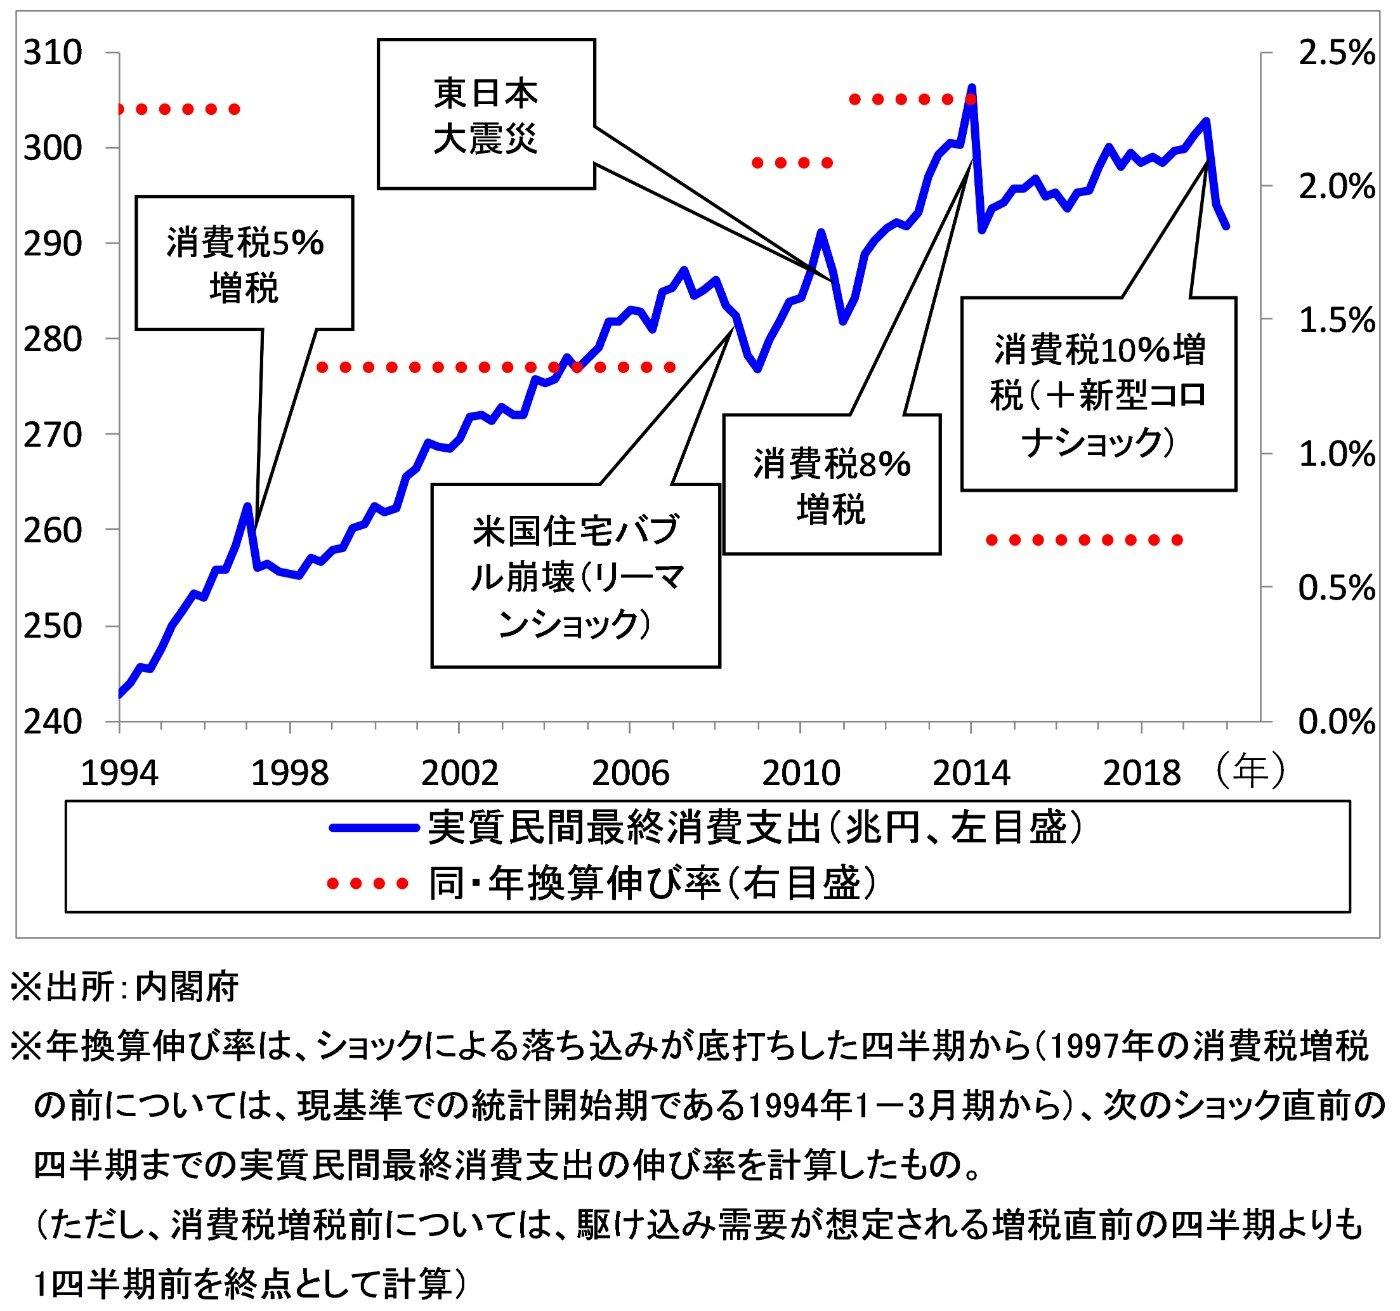 実質民間最終消費支出(季節調整値)の推移(1994年第1四半期~2020年第1四半期)